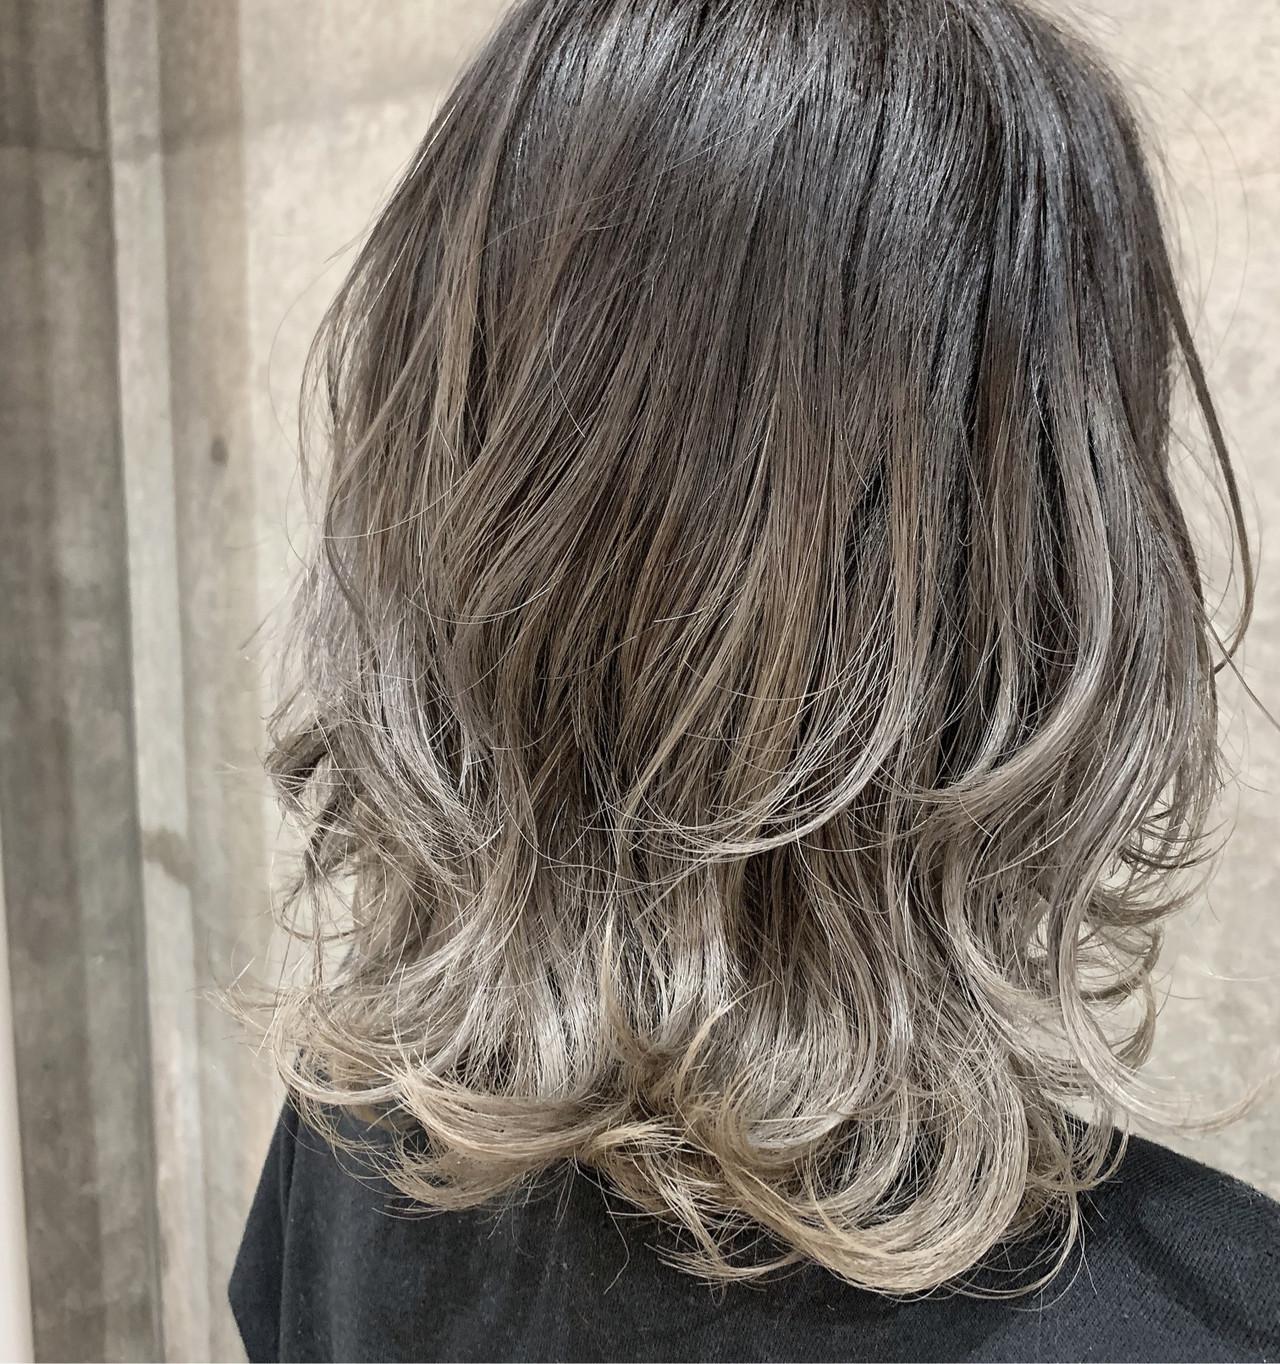 グラデーションカラー グレージュ ハイトーン ホワイトグレージュ ヘアスタイルや髪型の写真・画像